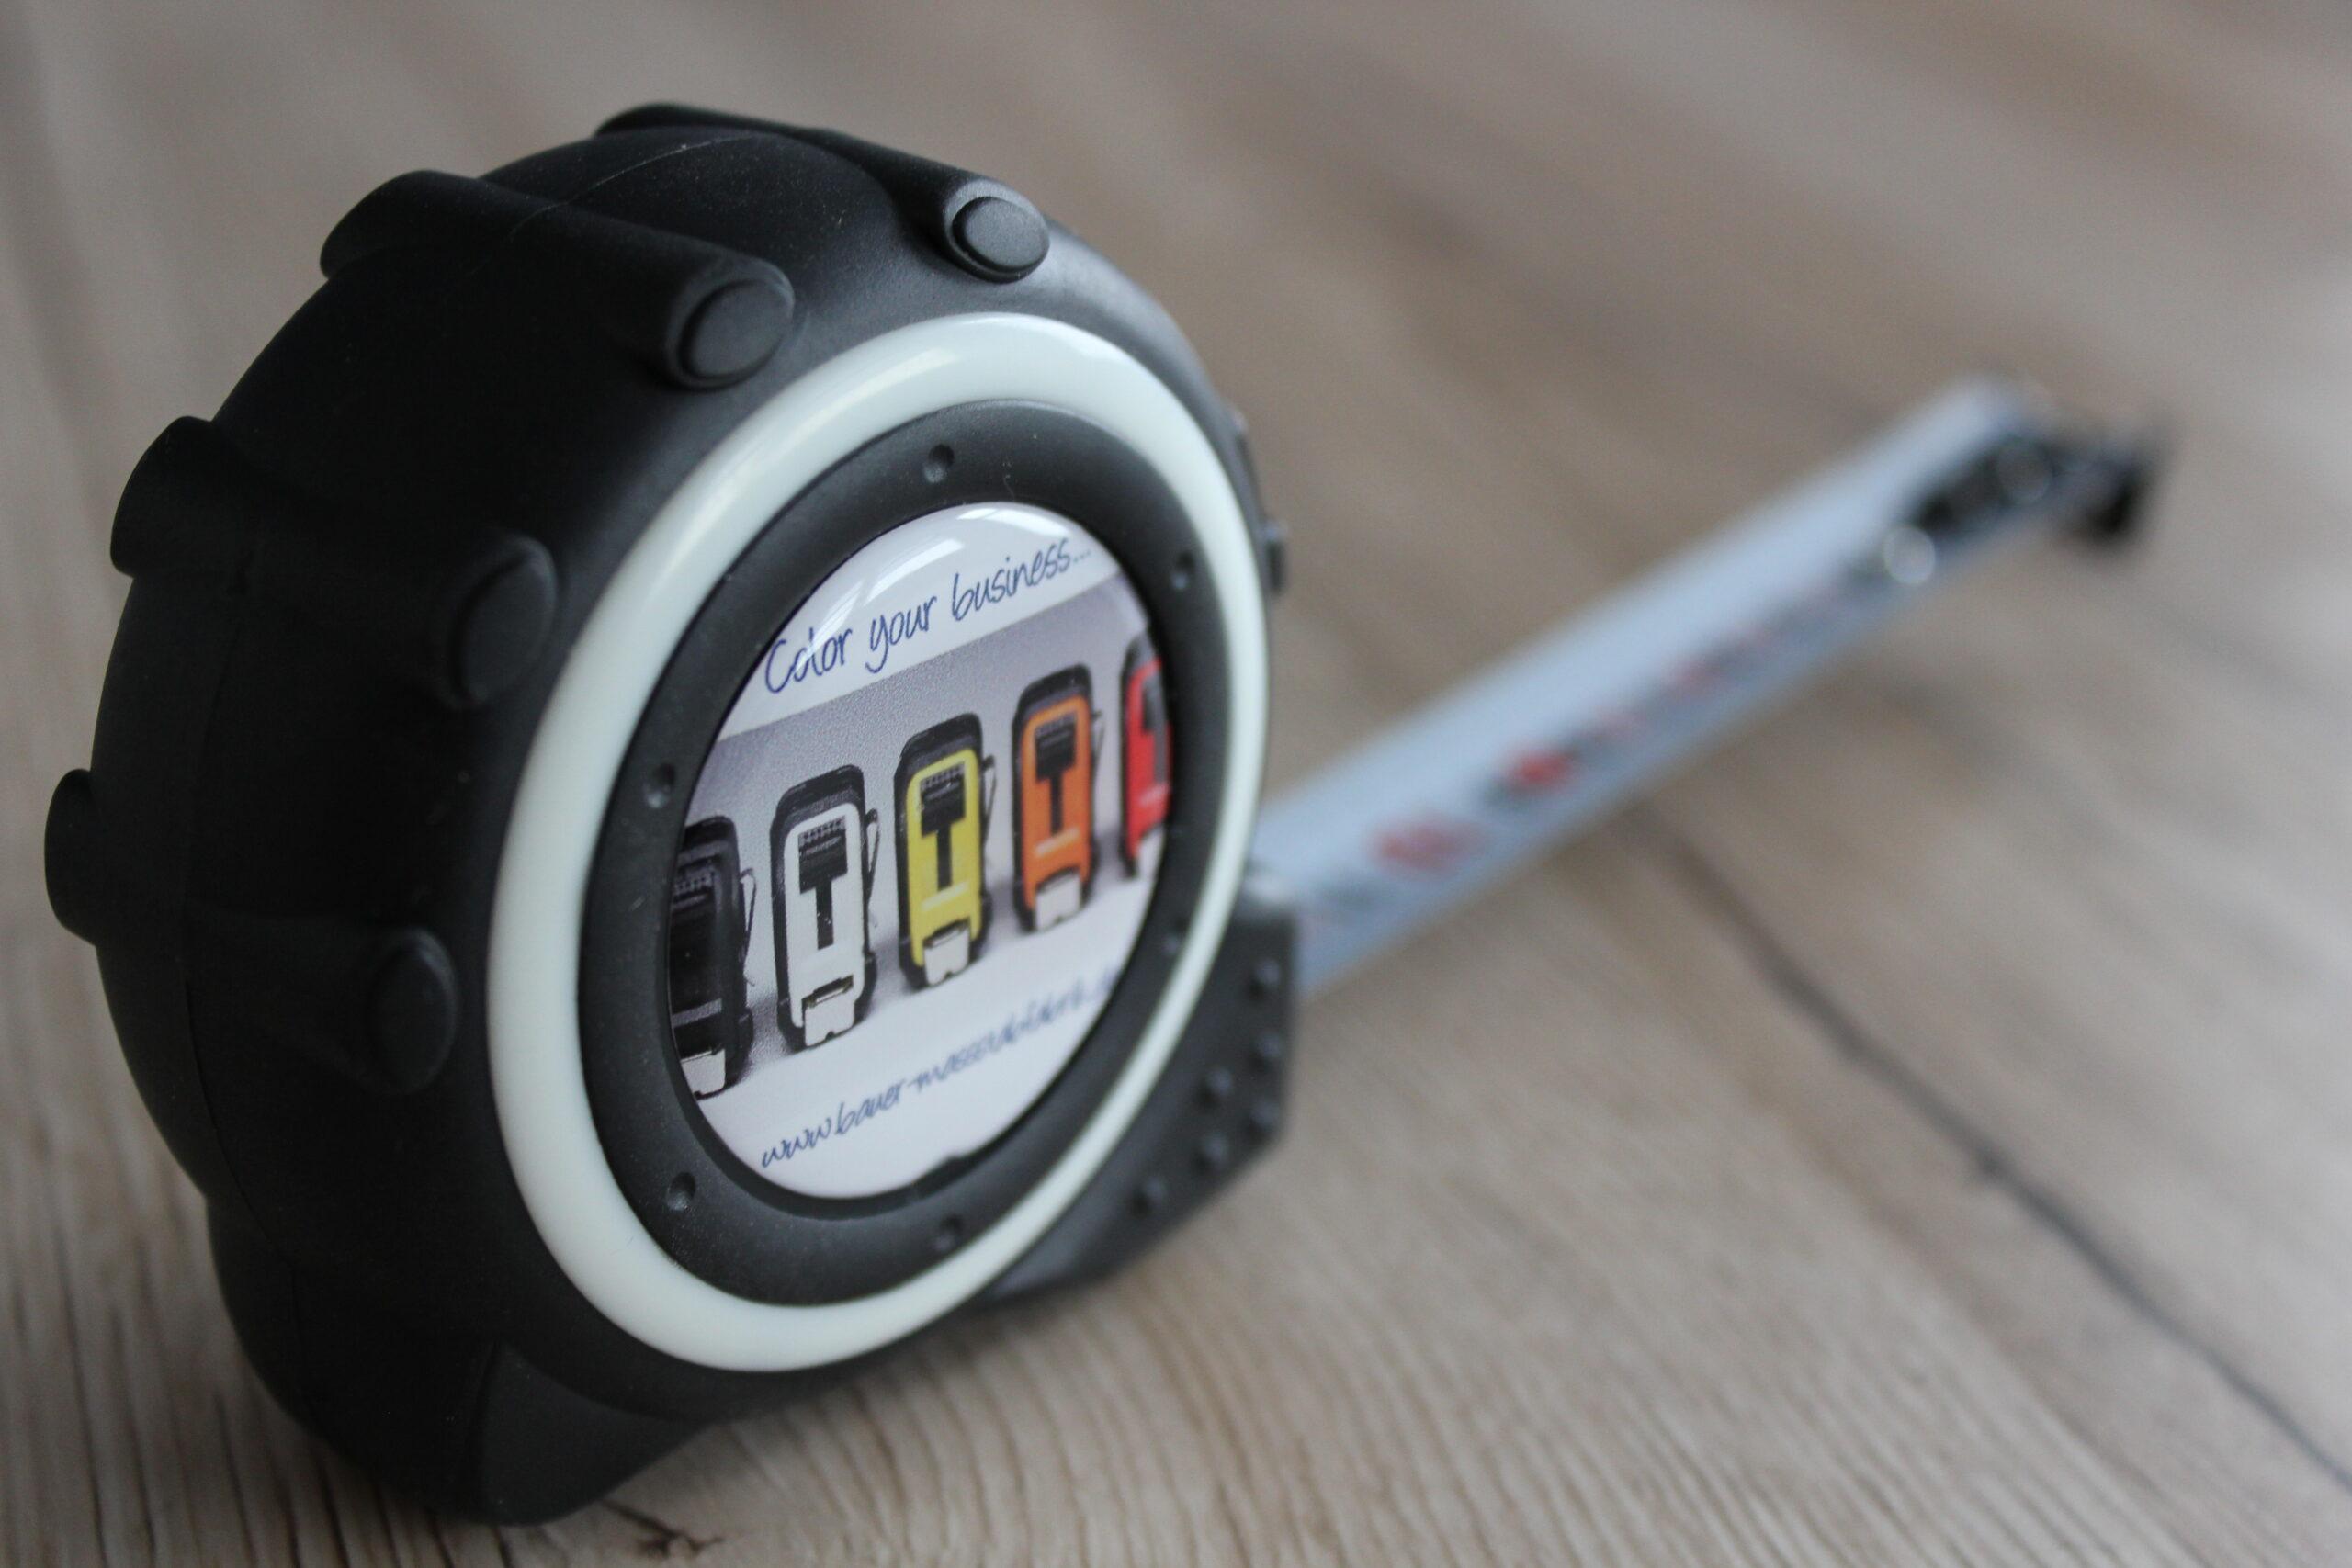 Preis-/Leistungsschlager - das RBM 650 in eleganter Optik  mit Nylonmaßband und beidseitiger Skalierung 1x Horzinzontalmessung, 1 x Vertikalmessung - veredelbar mit Ihrem Werbedoming